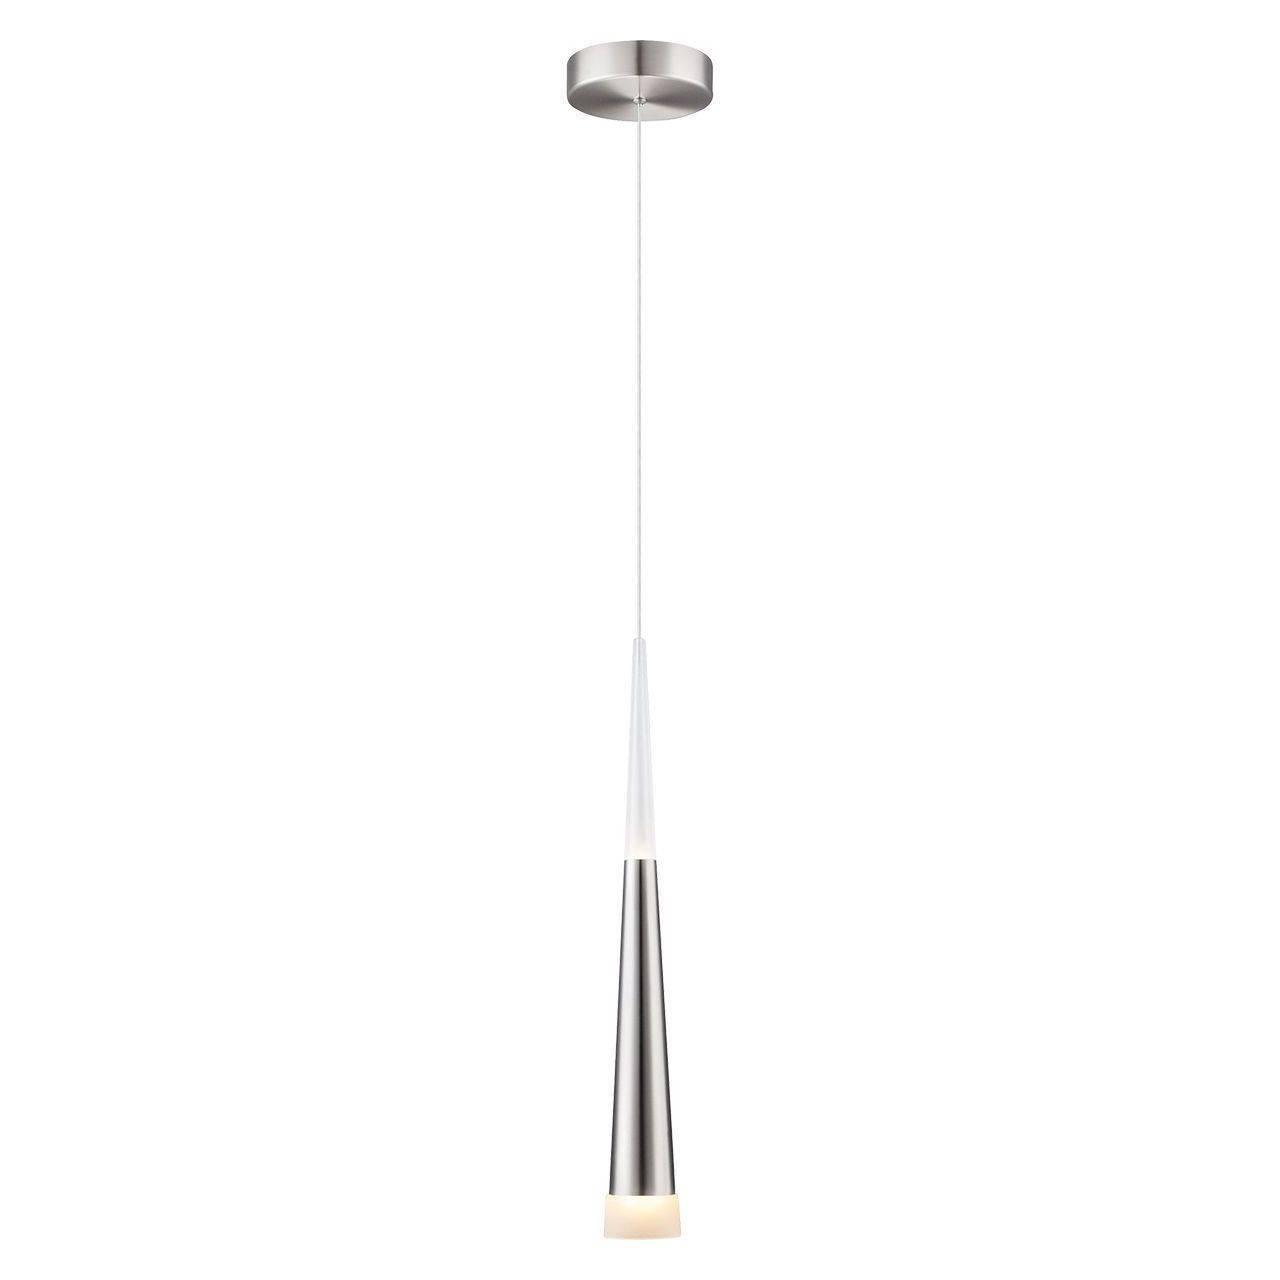 Подвесной светодиодный светильник Globo Sina 15914 подвесной светодиодный светильник globo x mas 23235